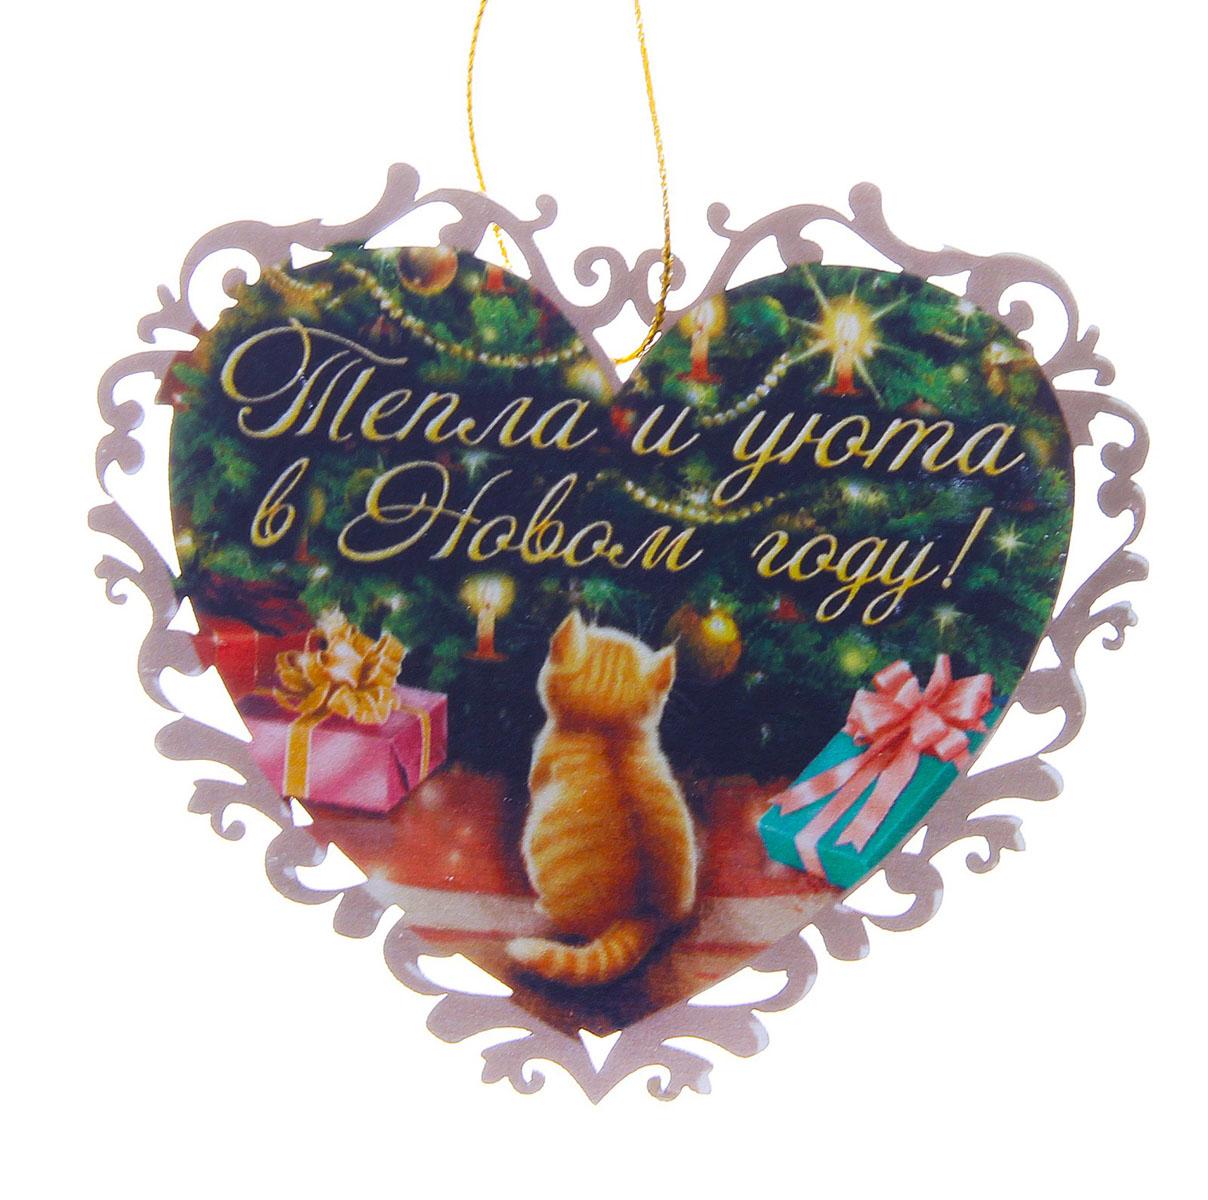 Новогоднее подвесное украшение Sima-land Тепла и уюта в Новом году!, цвет: бежевый новогоднее подвесное украшение sima land удачи в новом году светящееся 6 3 см